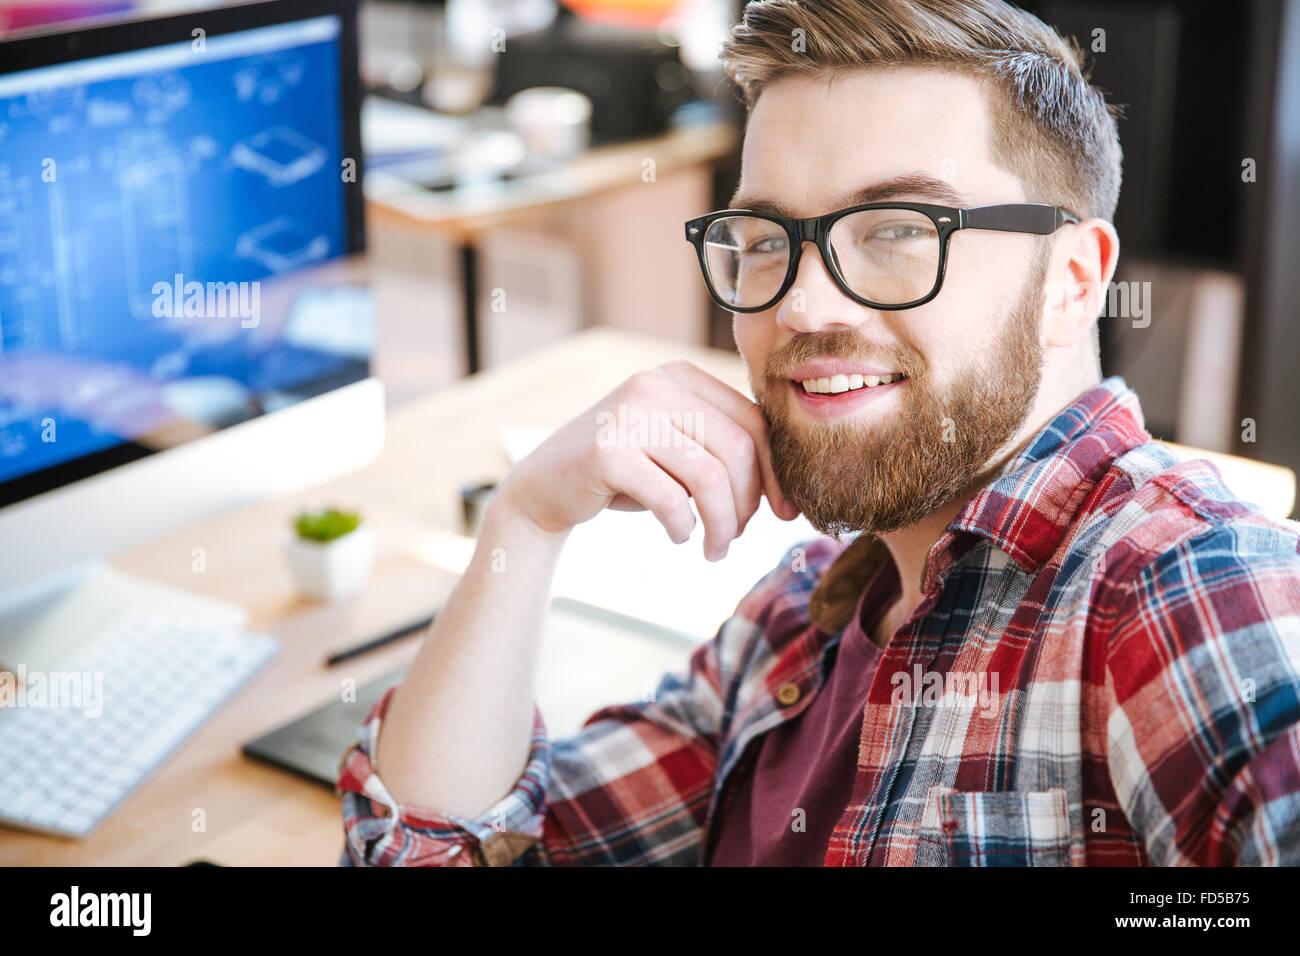 Feliz joven atractivo con barba en vidrios de trabajo y diseño de proyectos en su ordenador Imagen De Stock